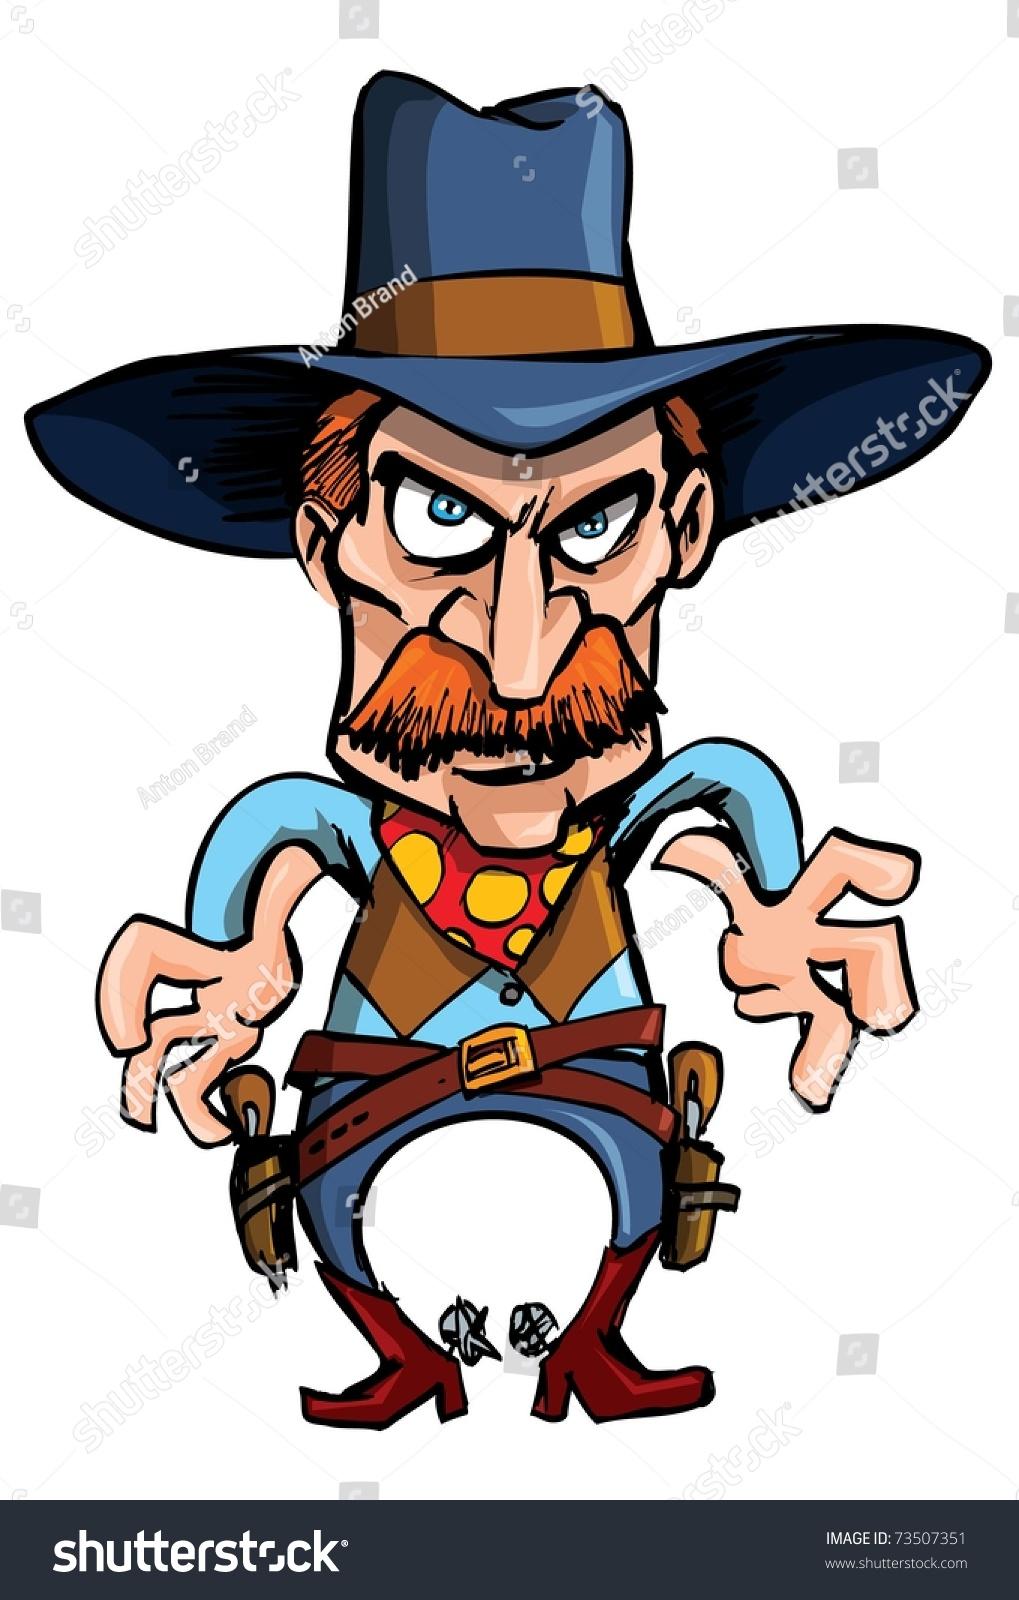 卡通牛仔准备在枪战吸引他的枪-插图/剪贴图